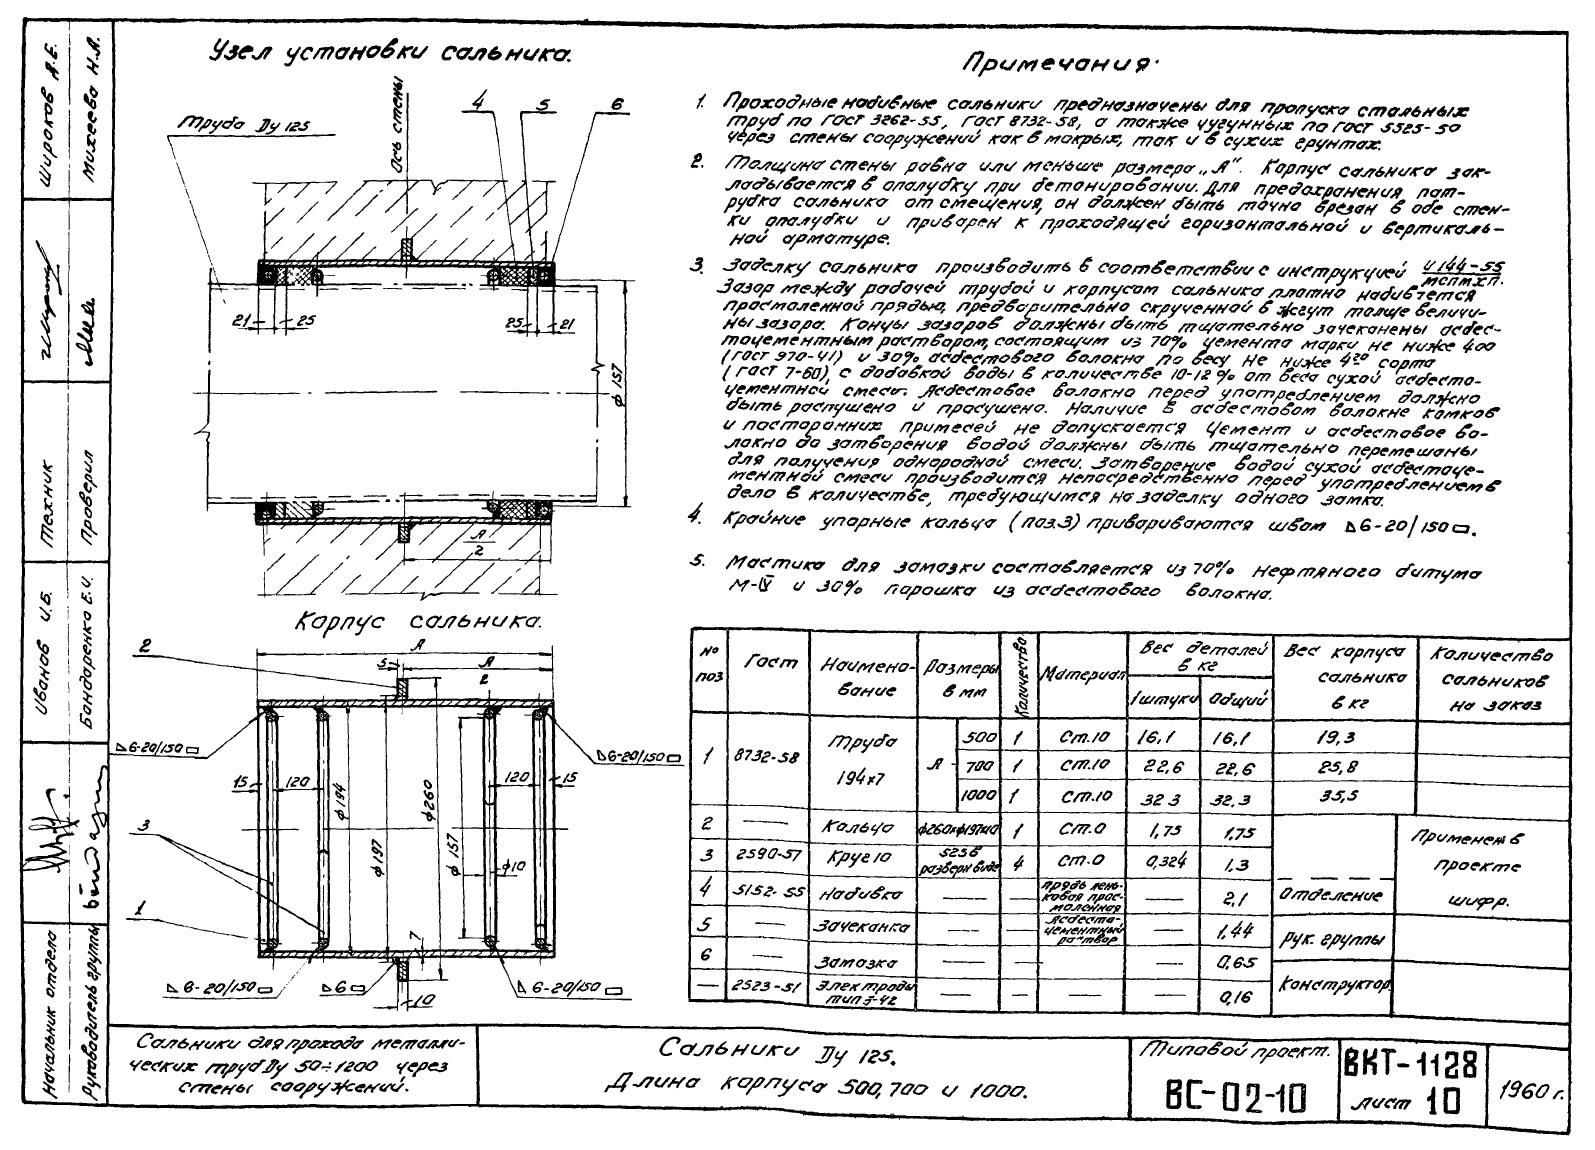 Сальники набивные L = 700 мм типовой проект ВС-02-10 стр.4